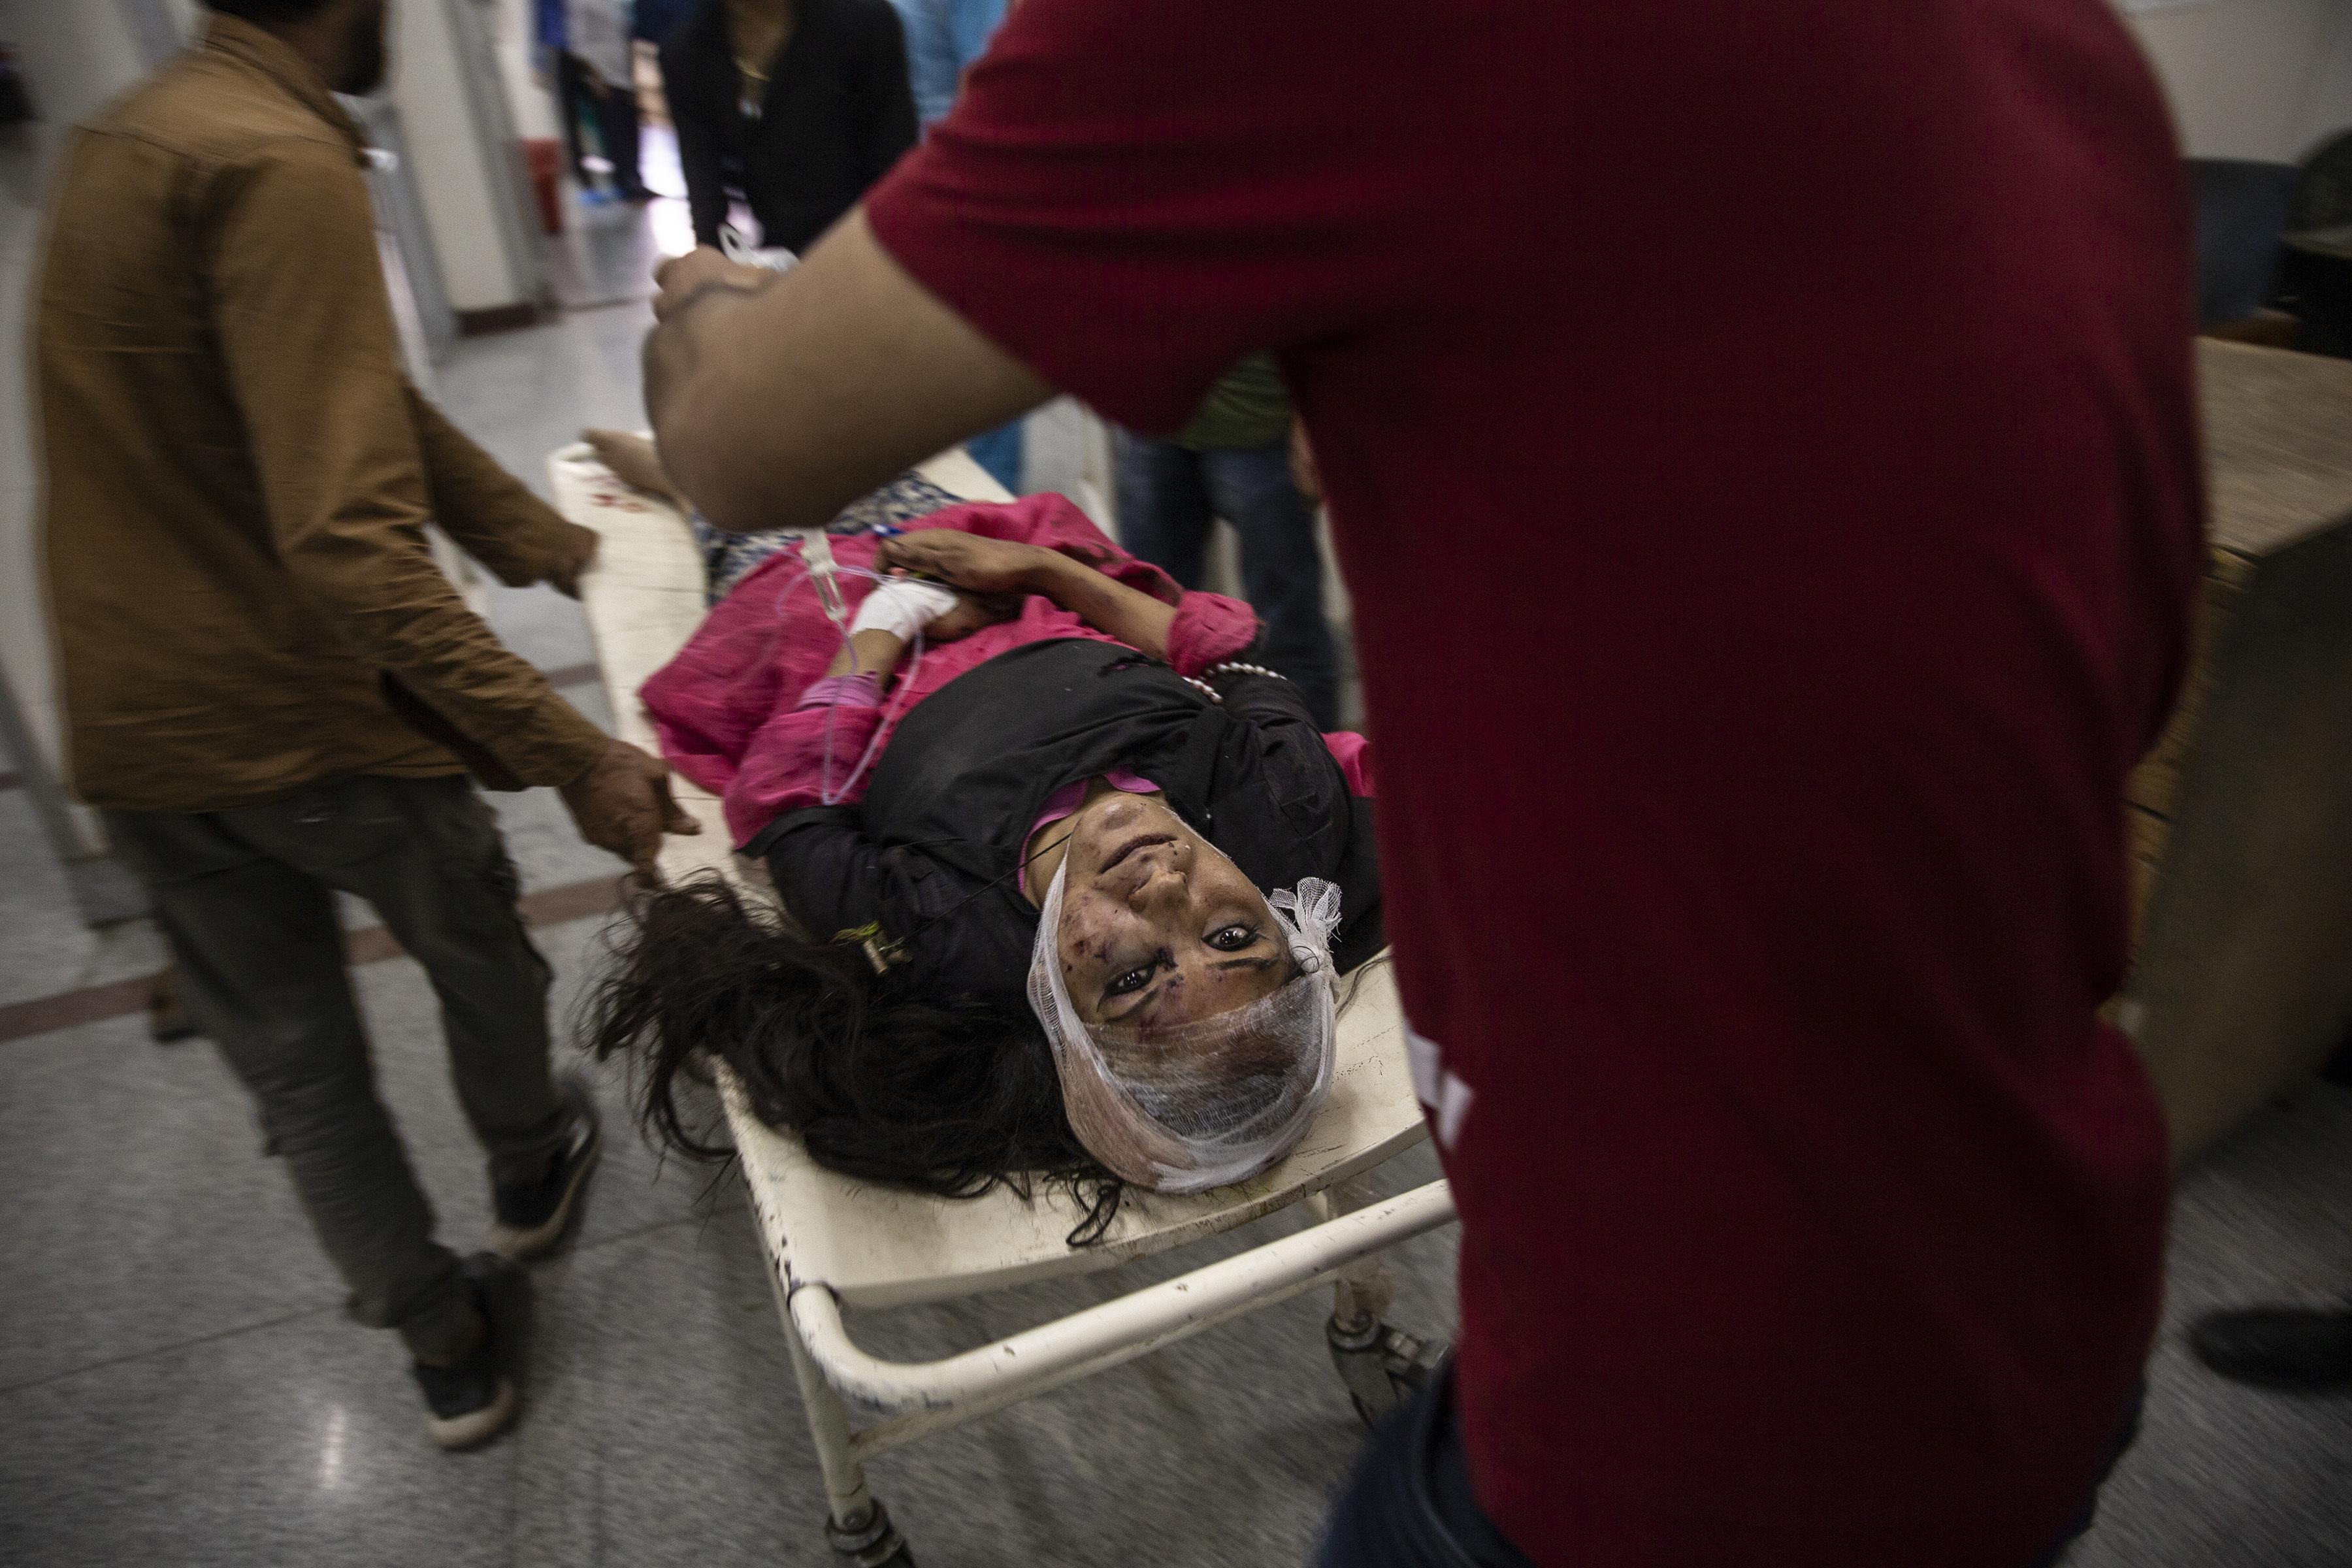 Una mujer herida es llevada en una camilla para recibir tratamiento después de ser herida en un accidente de autobús, en un hospital local en Srinagar, Cachemira controlada por la India, el 27 de junio de 2019. Un minibús que llevaba estudiantes a un picnic cayó en una garganta a lo largo de una carretera del Himalaya. en Cachemira (Foto AP / Dar Yasin)